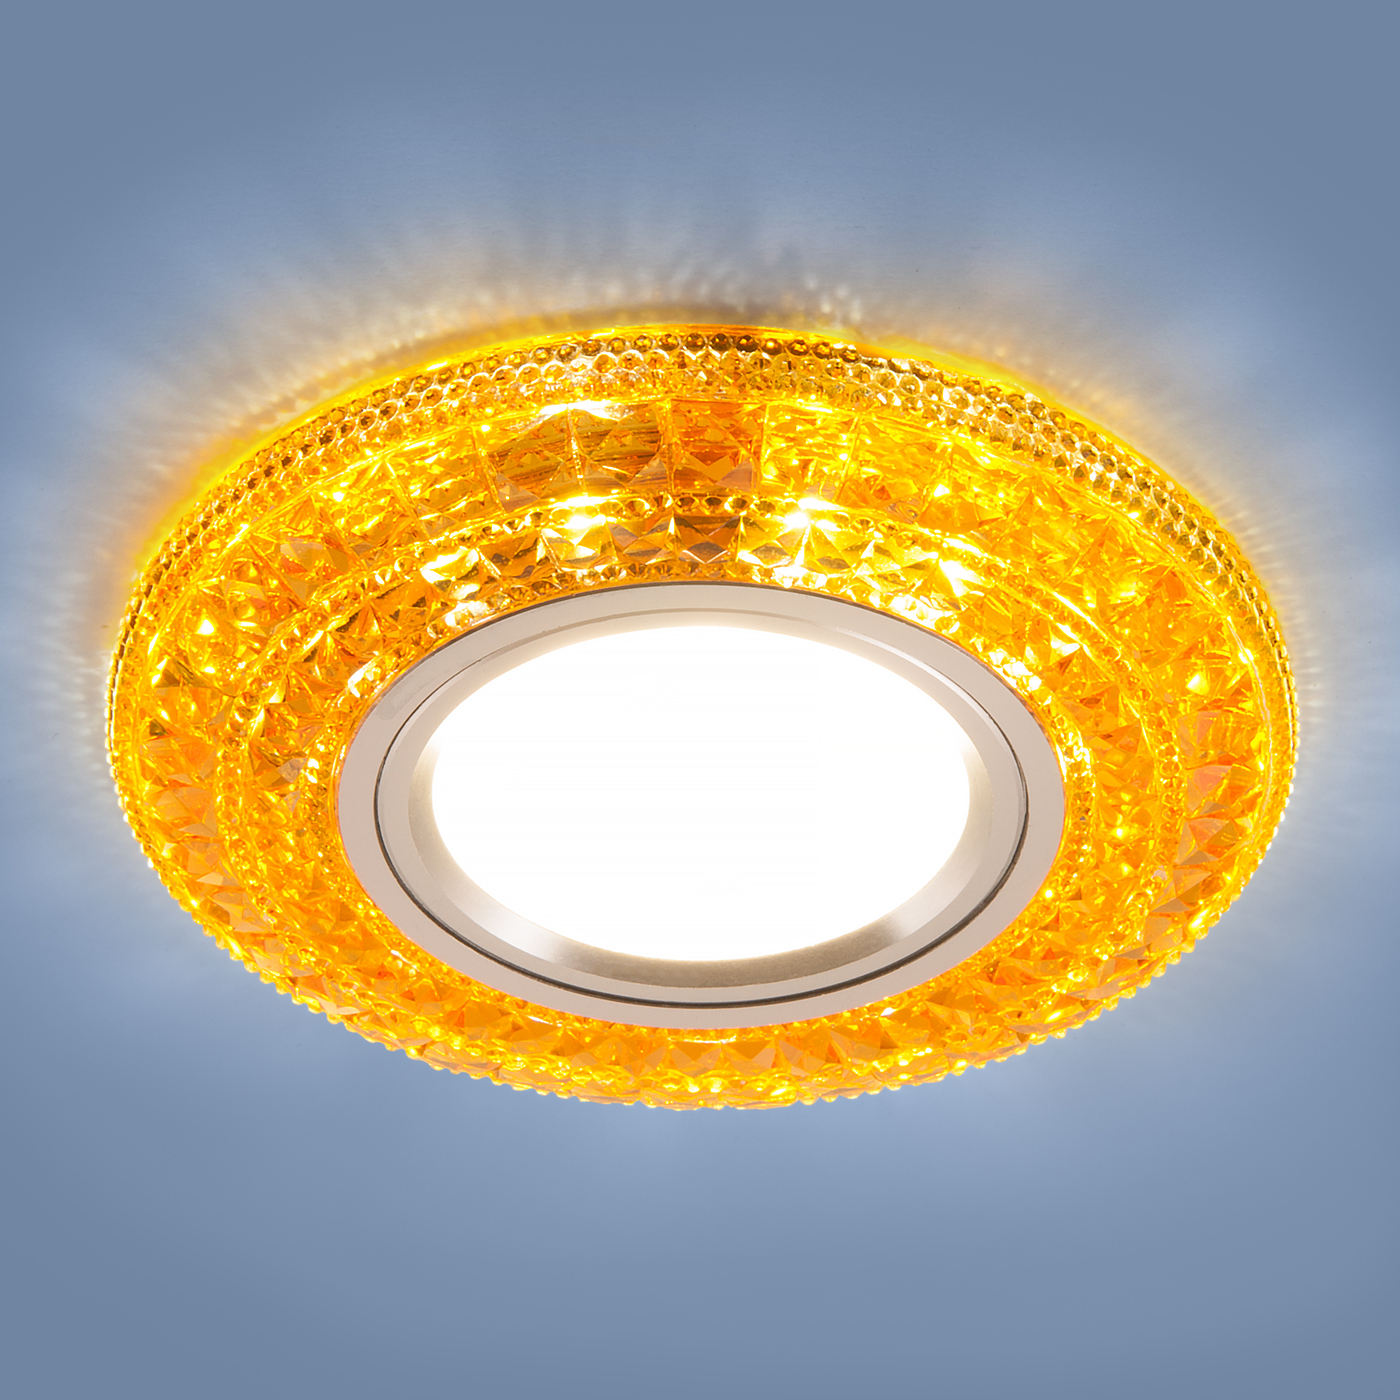 Встраиваемый светильник Elektrostandard потолочный со светодиодной подсветкой 2160 MR16 GC, G5.3